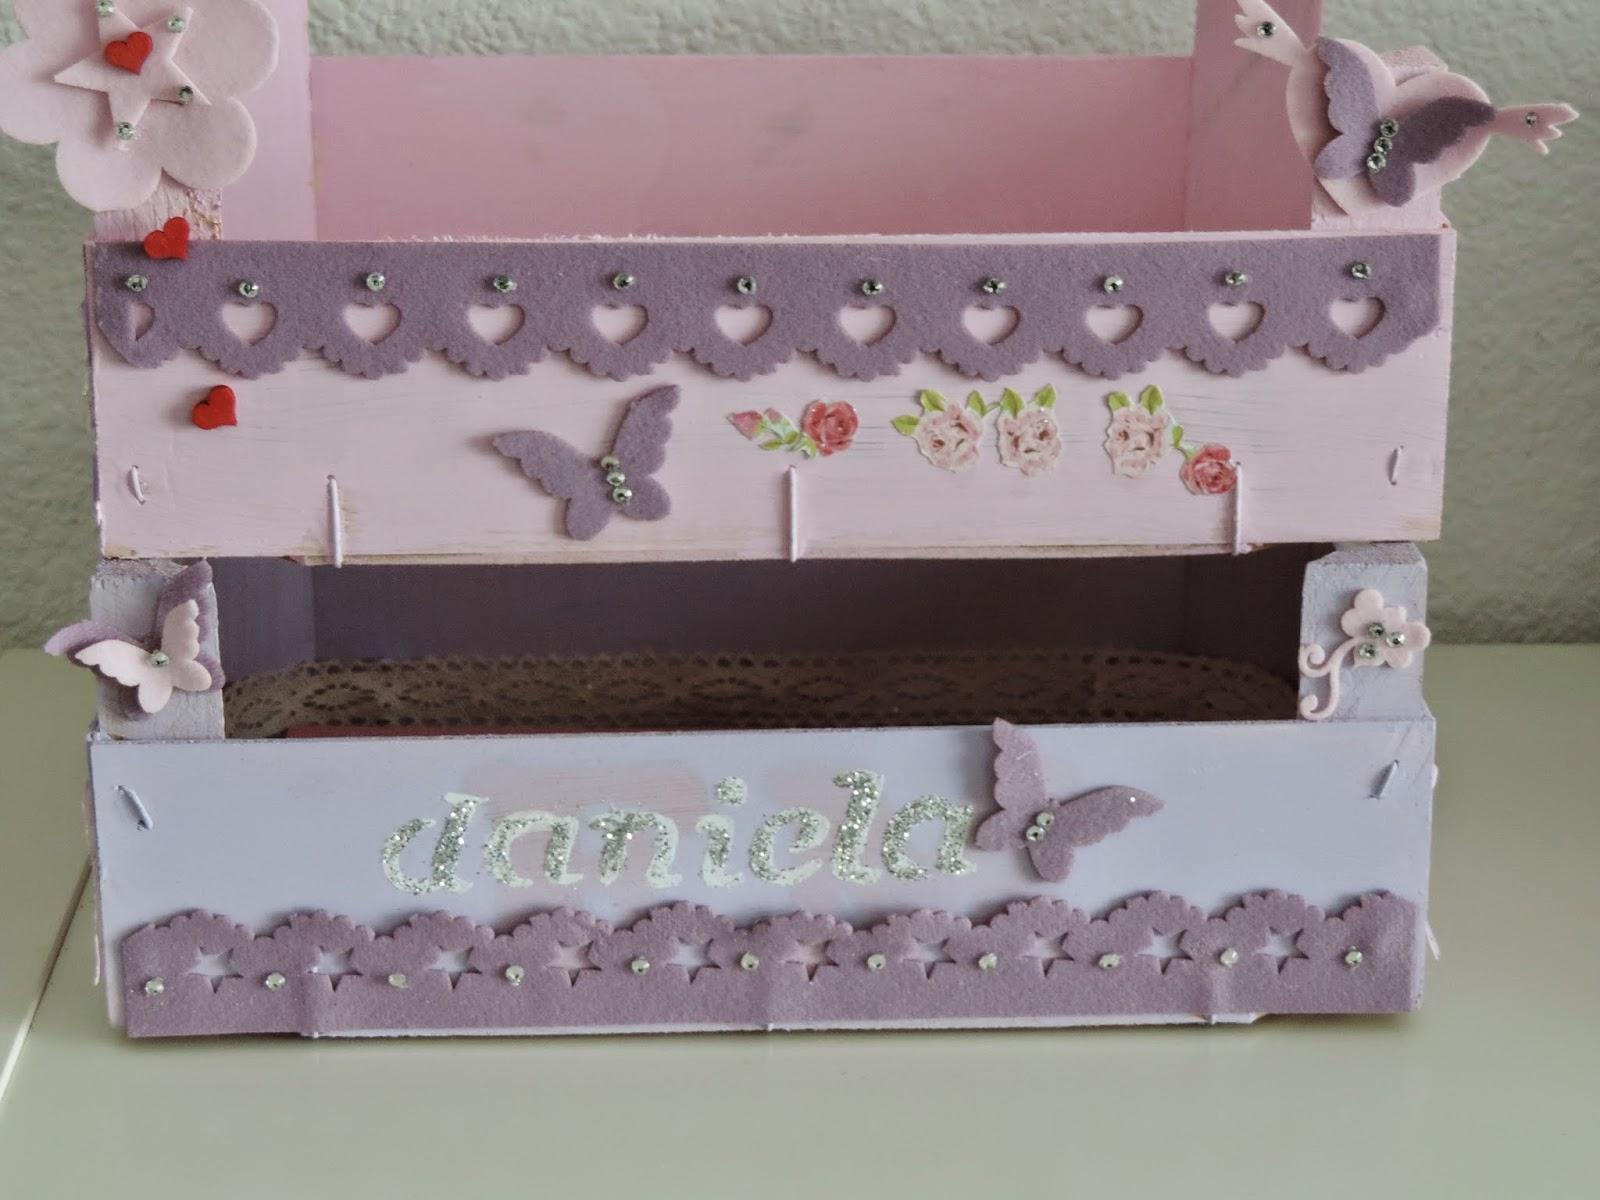 El taller de party handmade cajas de fresas renovadas lo que dan de si megusta reciclar - Manualidades cajas decoradas ...